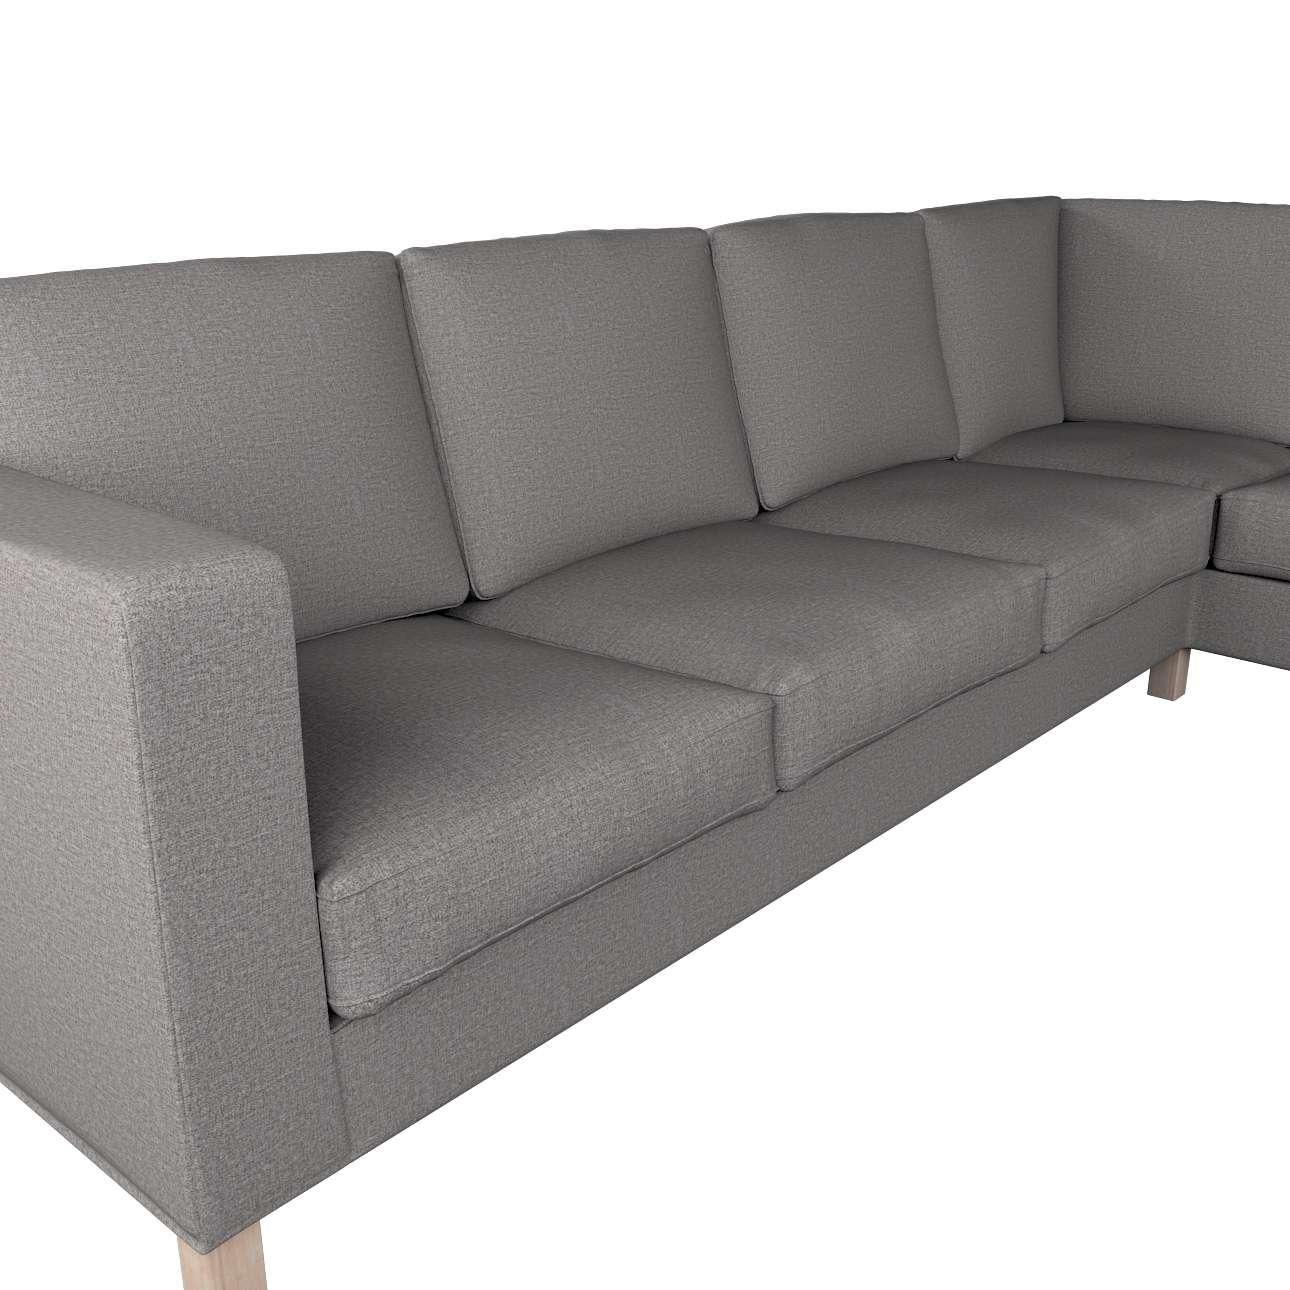 Pokrowiec na sofę narożną lewostronną Karlanda w kolekcji Edinburgh, tkanina: 115-81